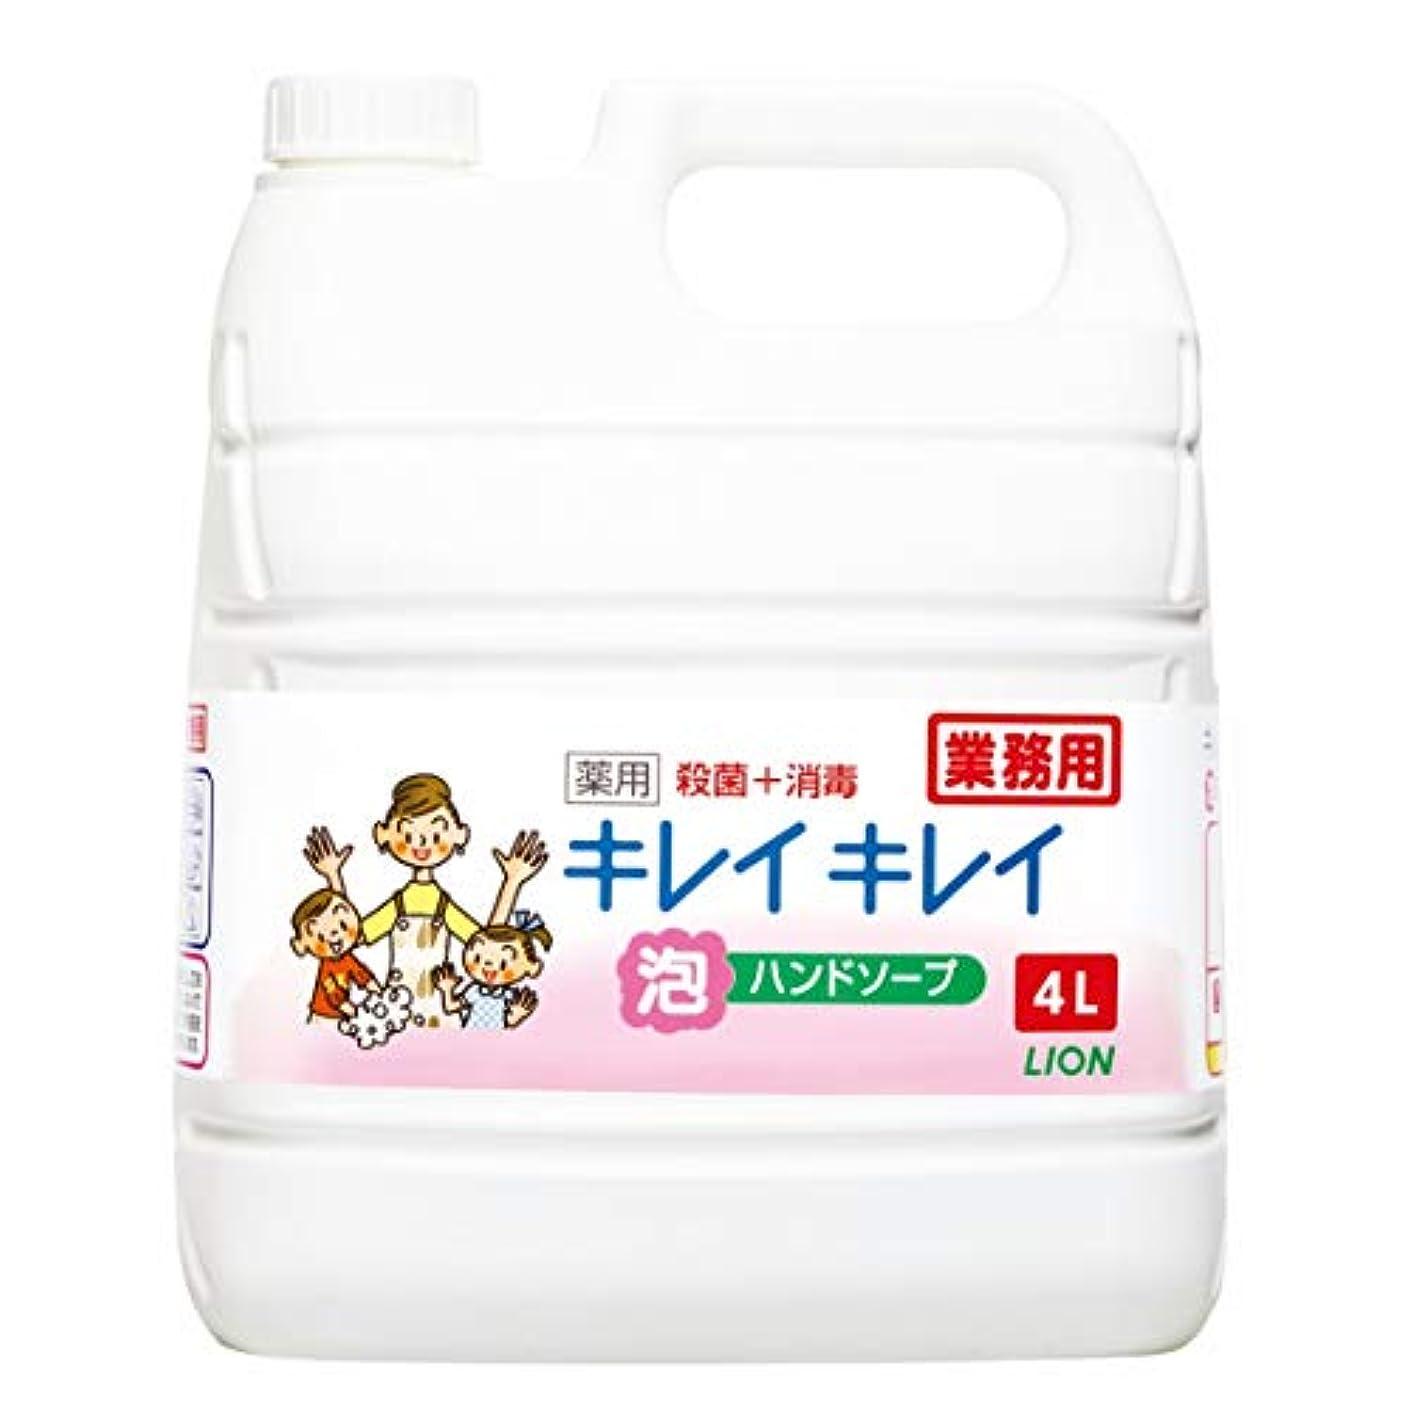 精算オゾン遅い【業務用 大容量】キレイキレイ 薬用 泡ハンドソープ シトラスフルーティの香り 4L(医薬部外品)